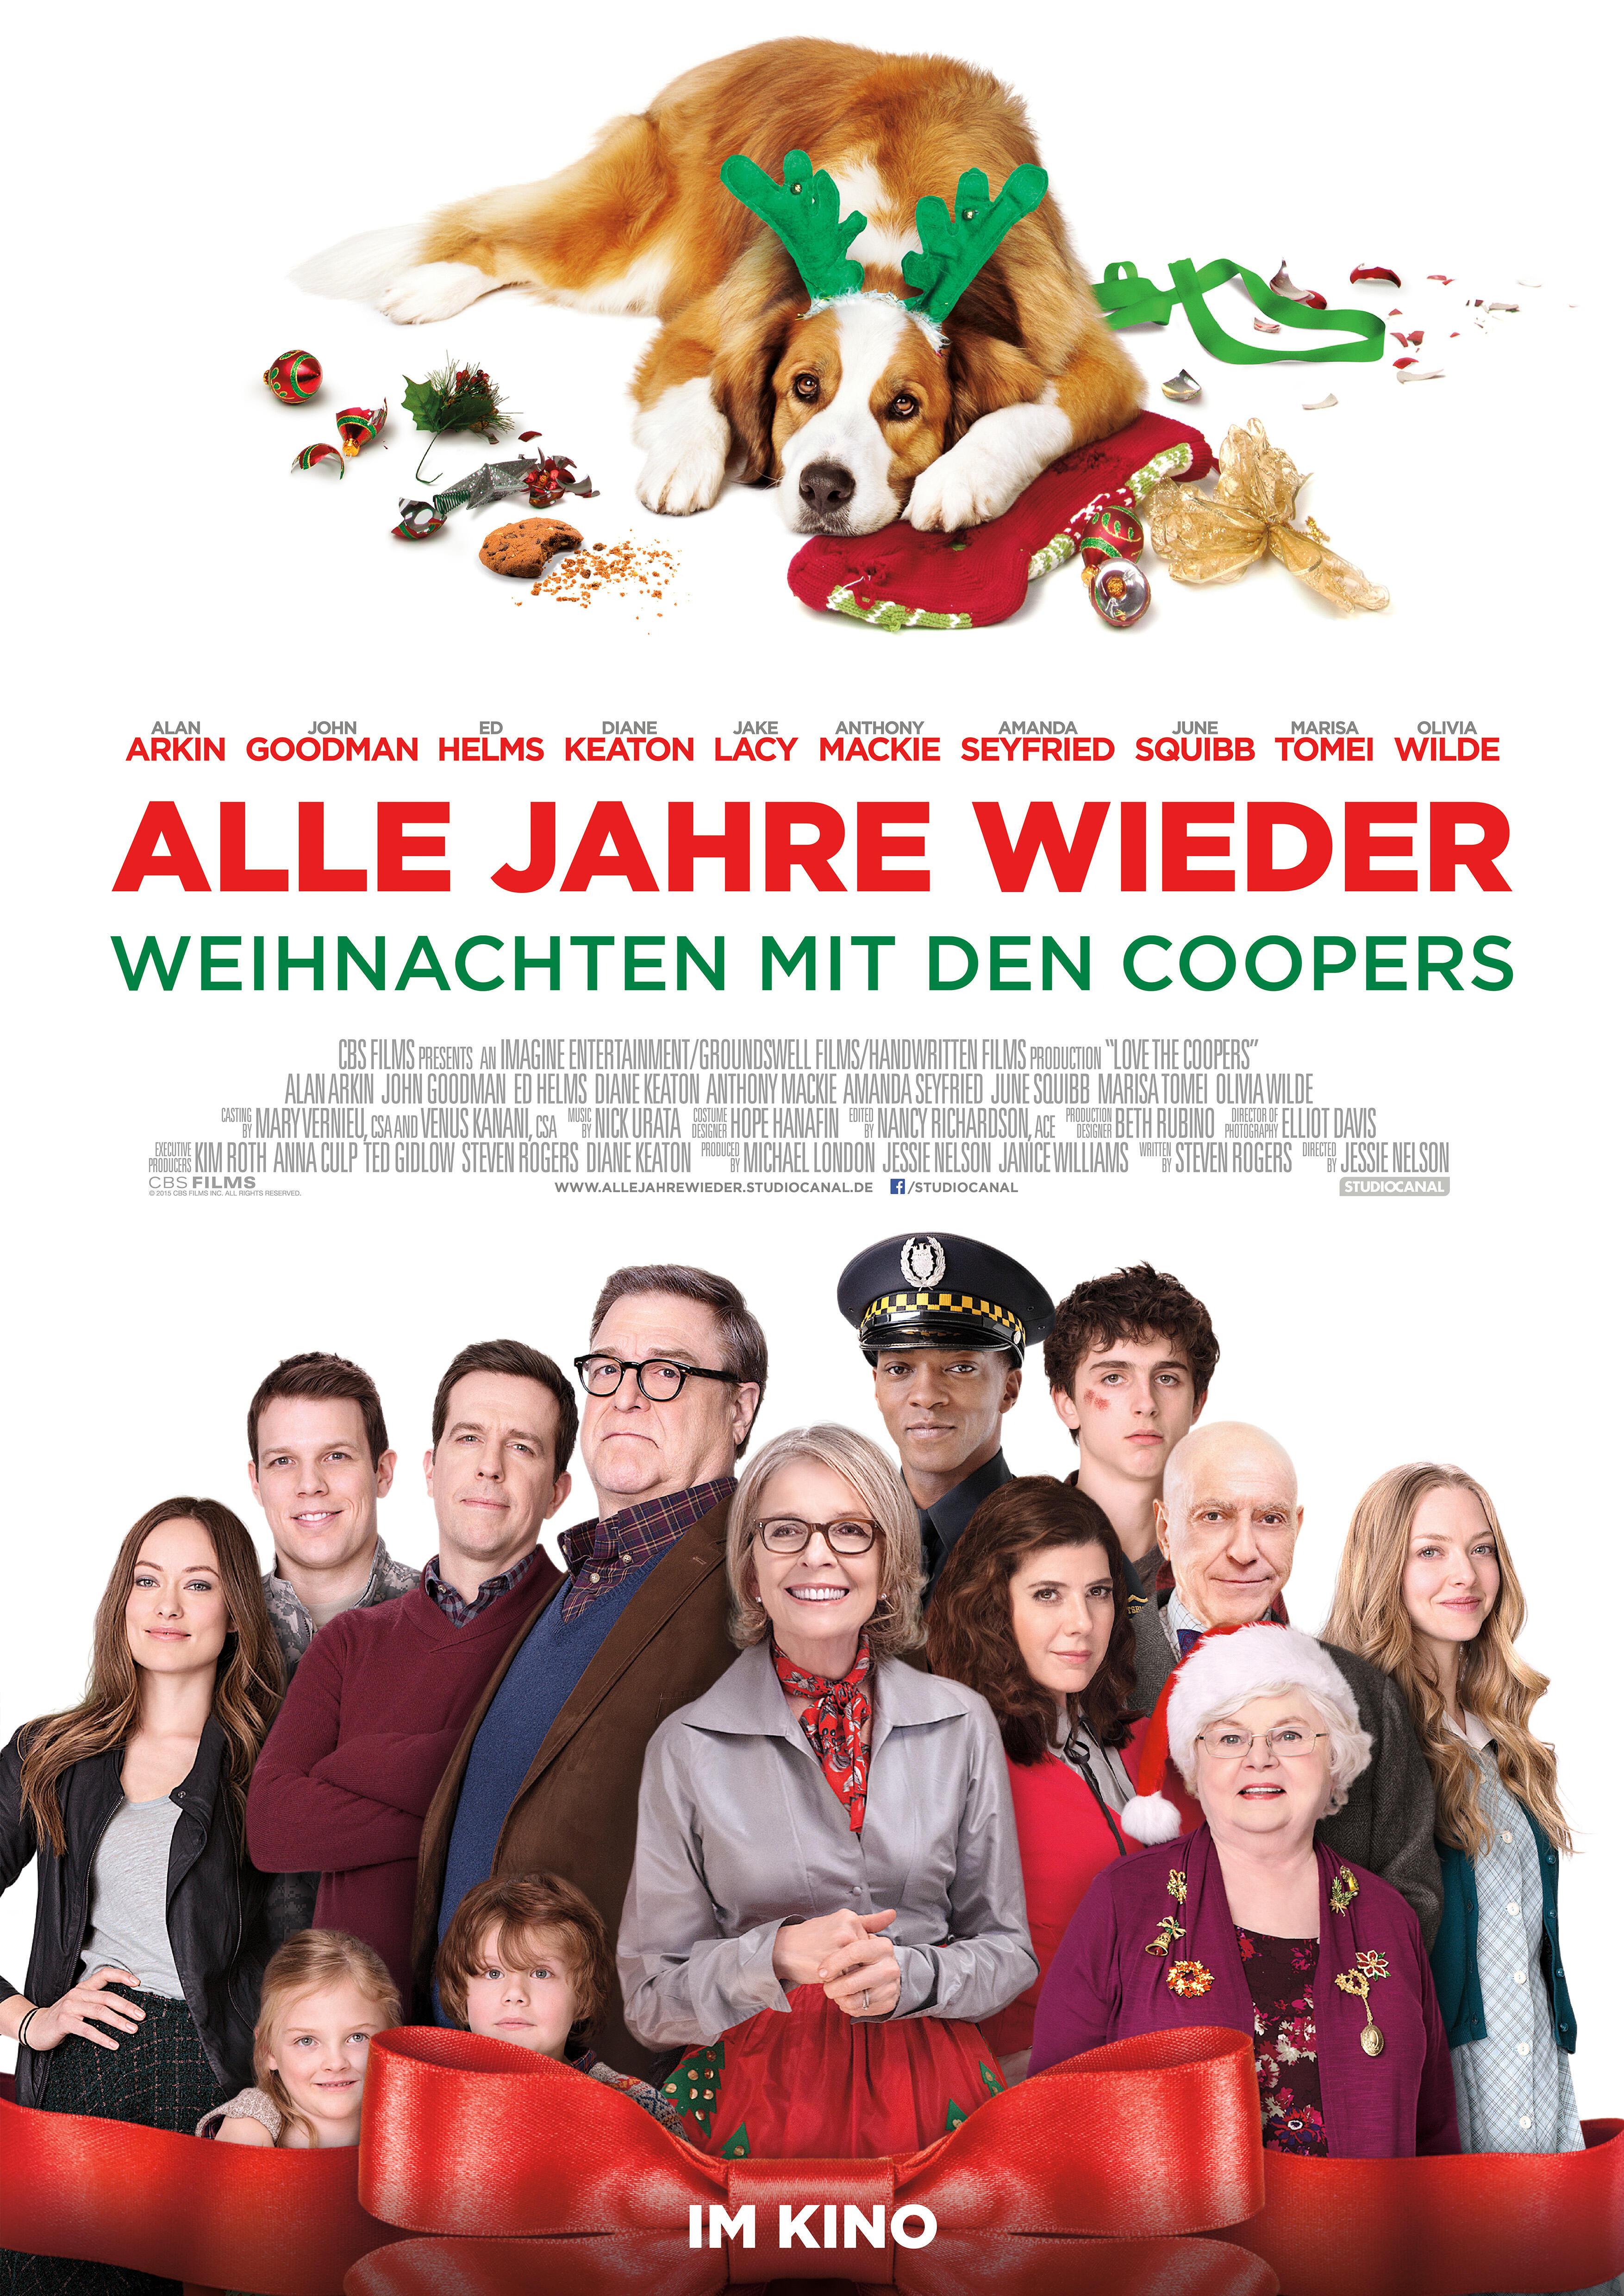 Alle Jahre wieder - Weihnachten mit den Coopers | Film 2015 ...